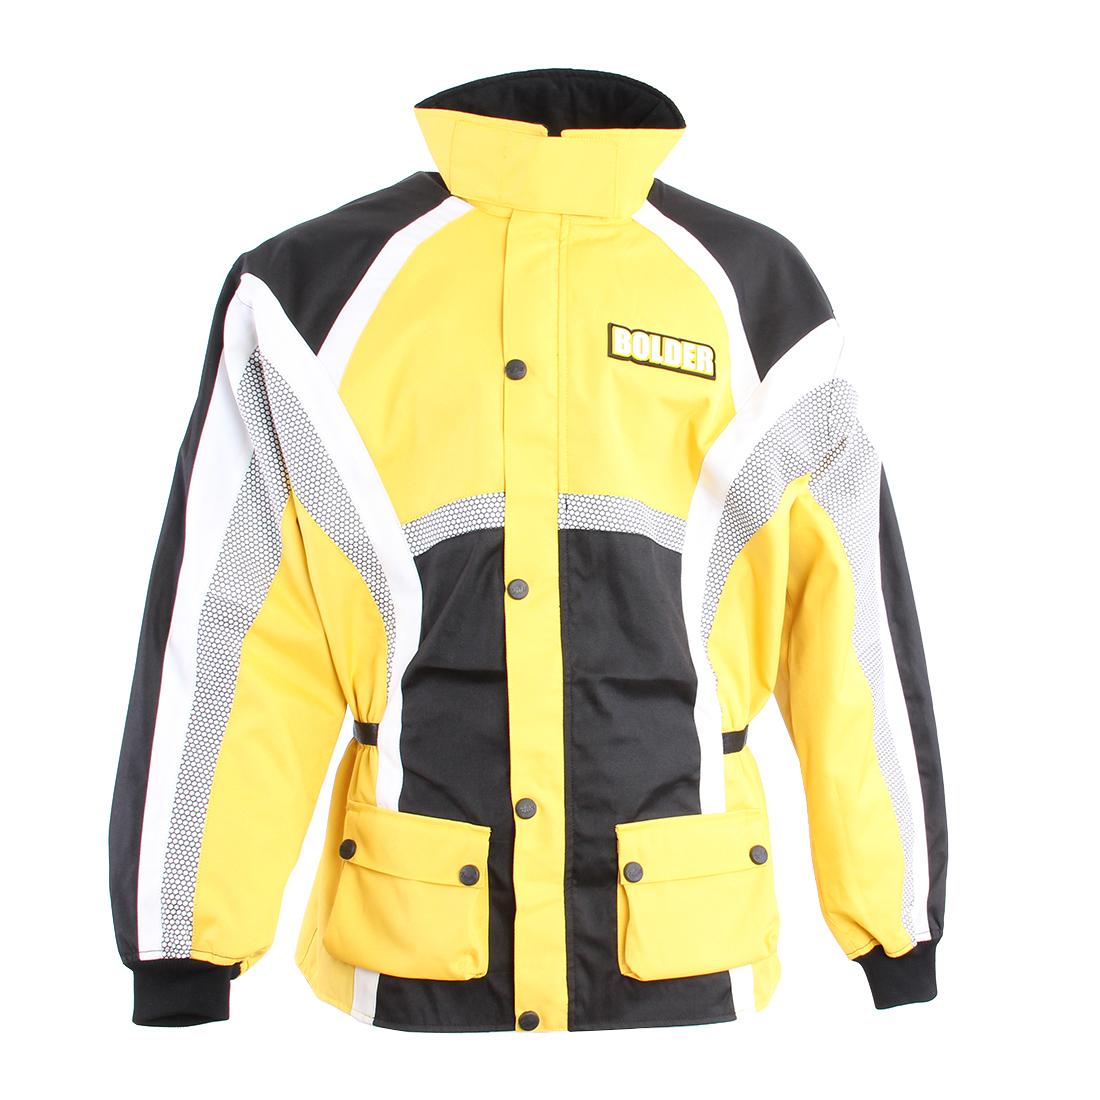 Bunda Motocross žlutá - Velikost: 3XL